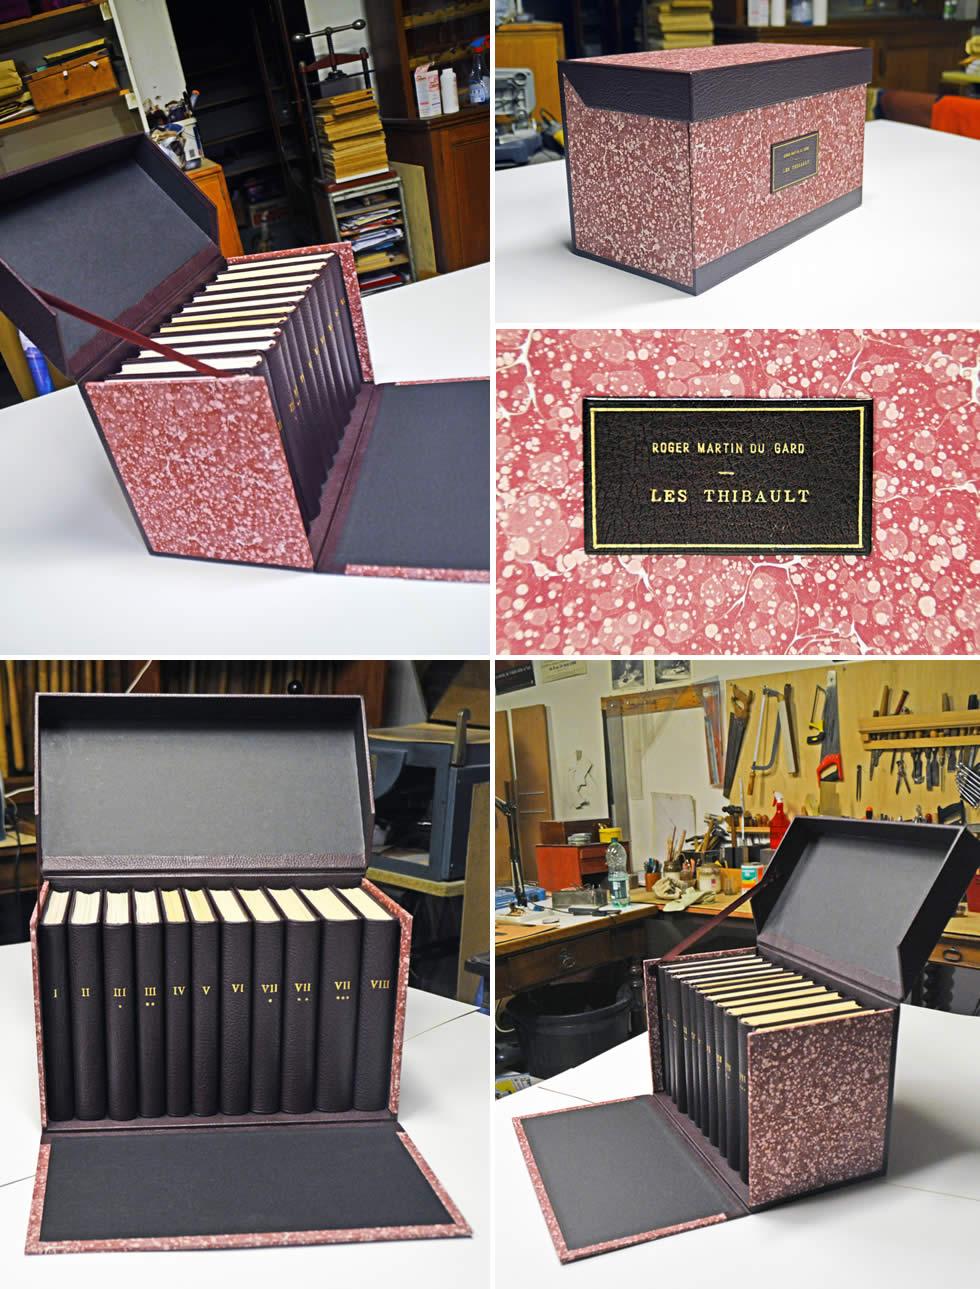 Boite de rangement personnalisée pour livres